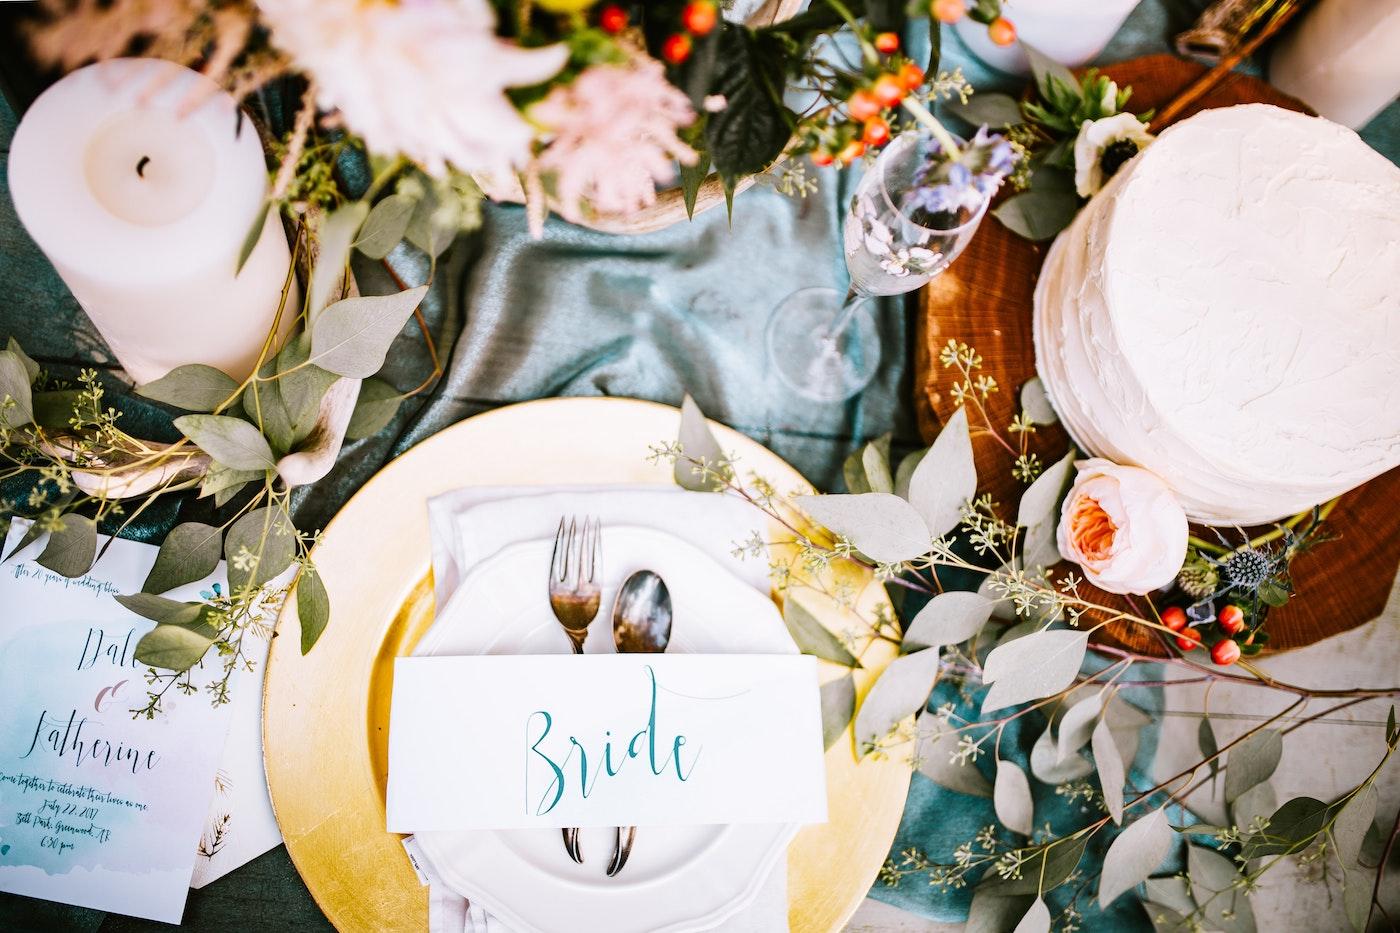 Cómo tener una boda con cero impacto - Annie Gray - Wedding Hub - 01